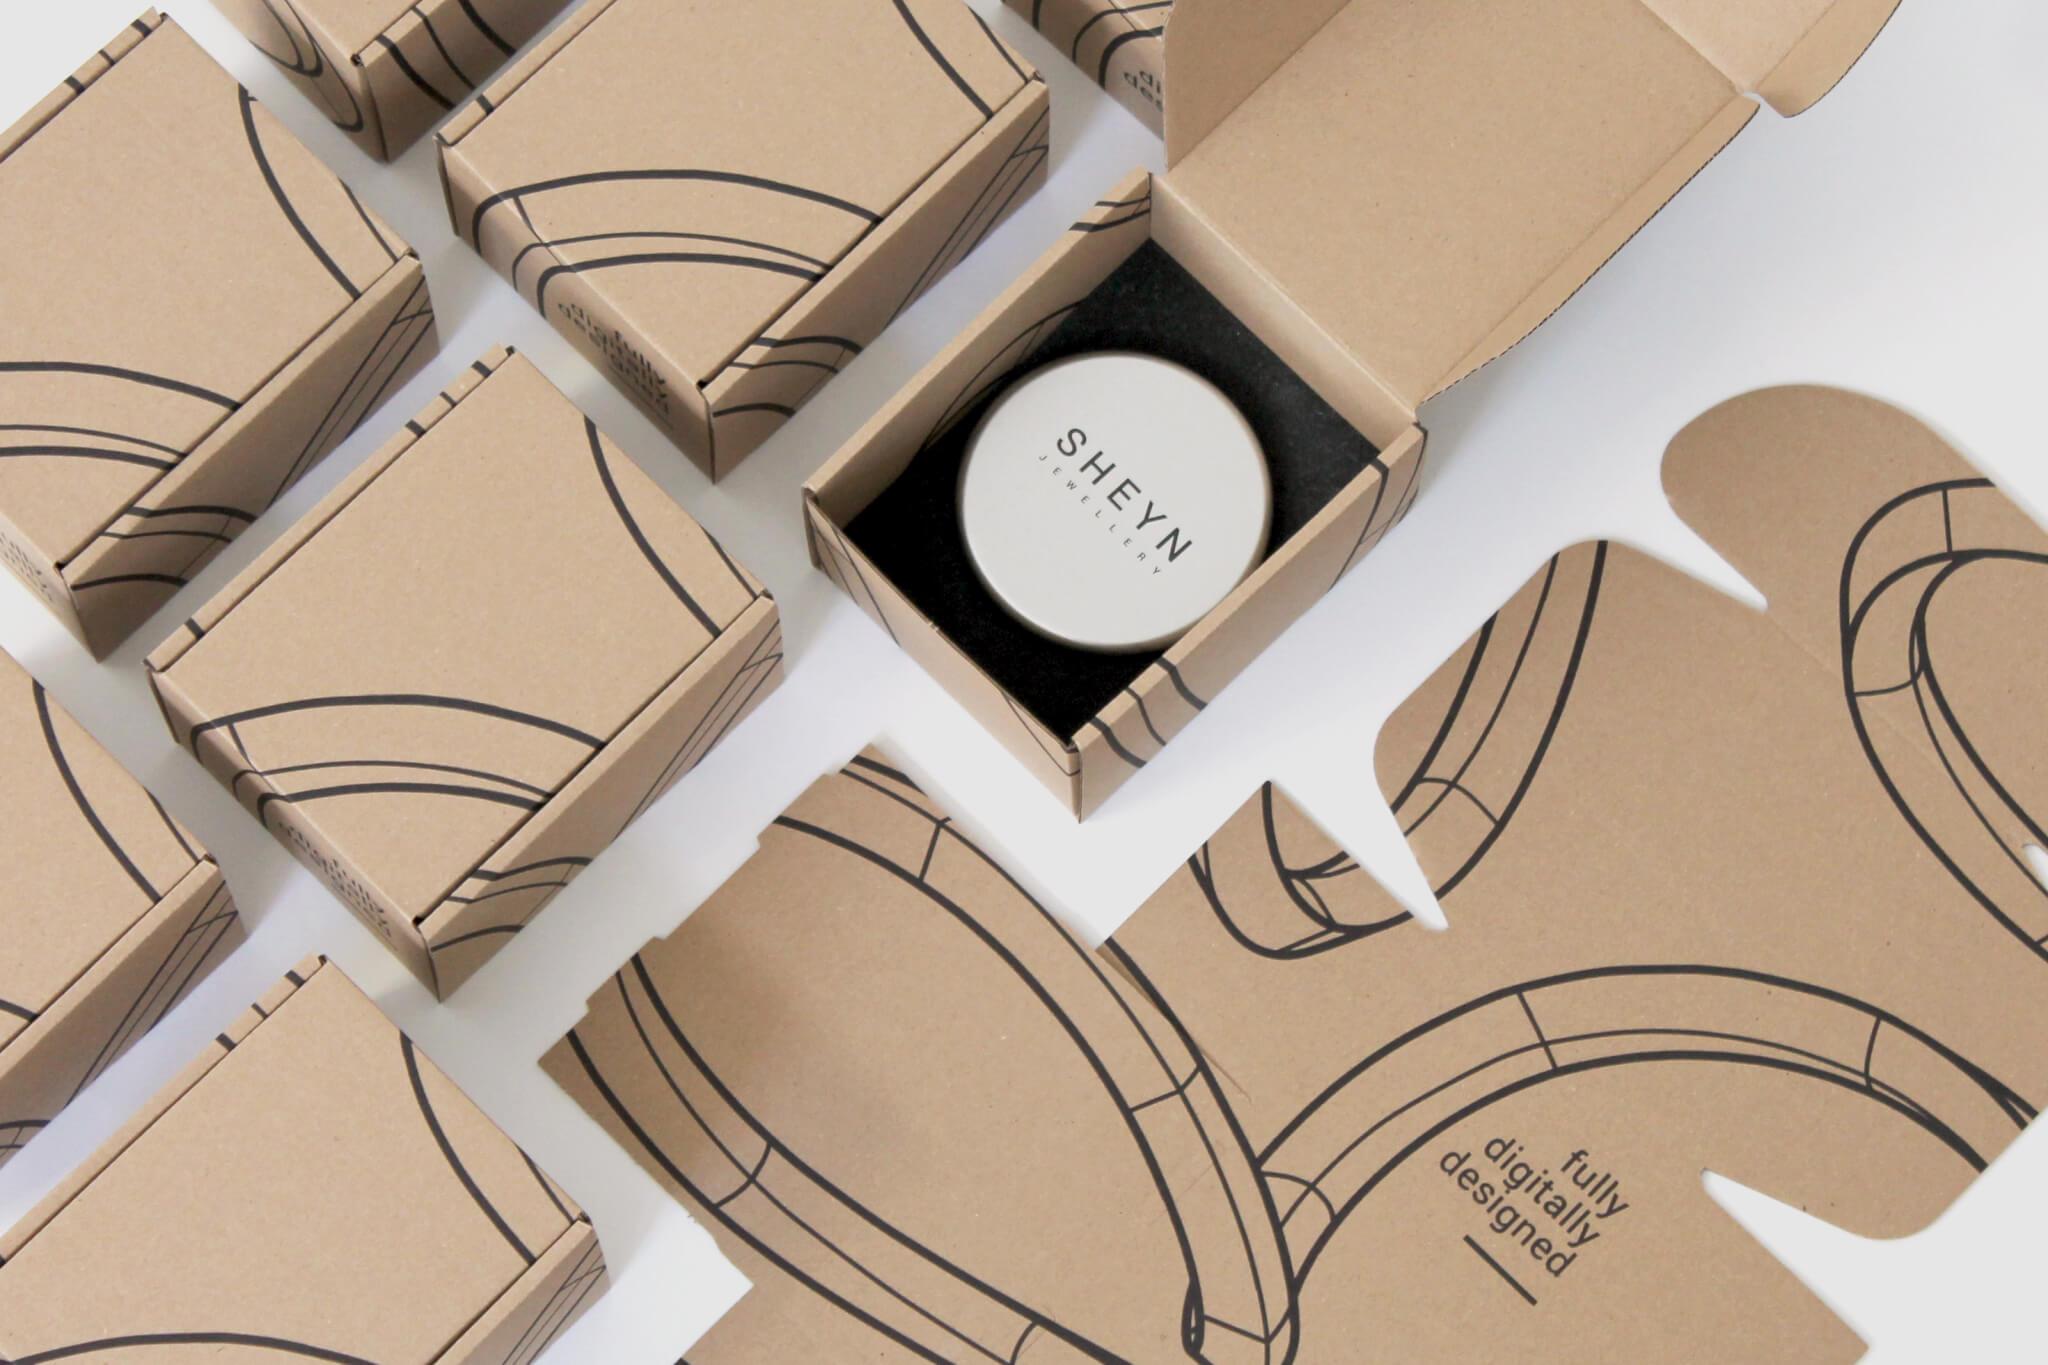 las cajas de cartón contribuyen a tener una empresa sostenible